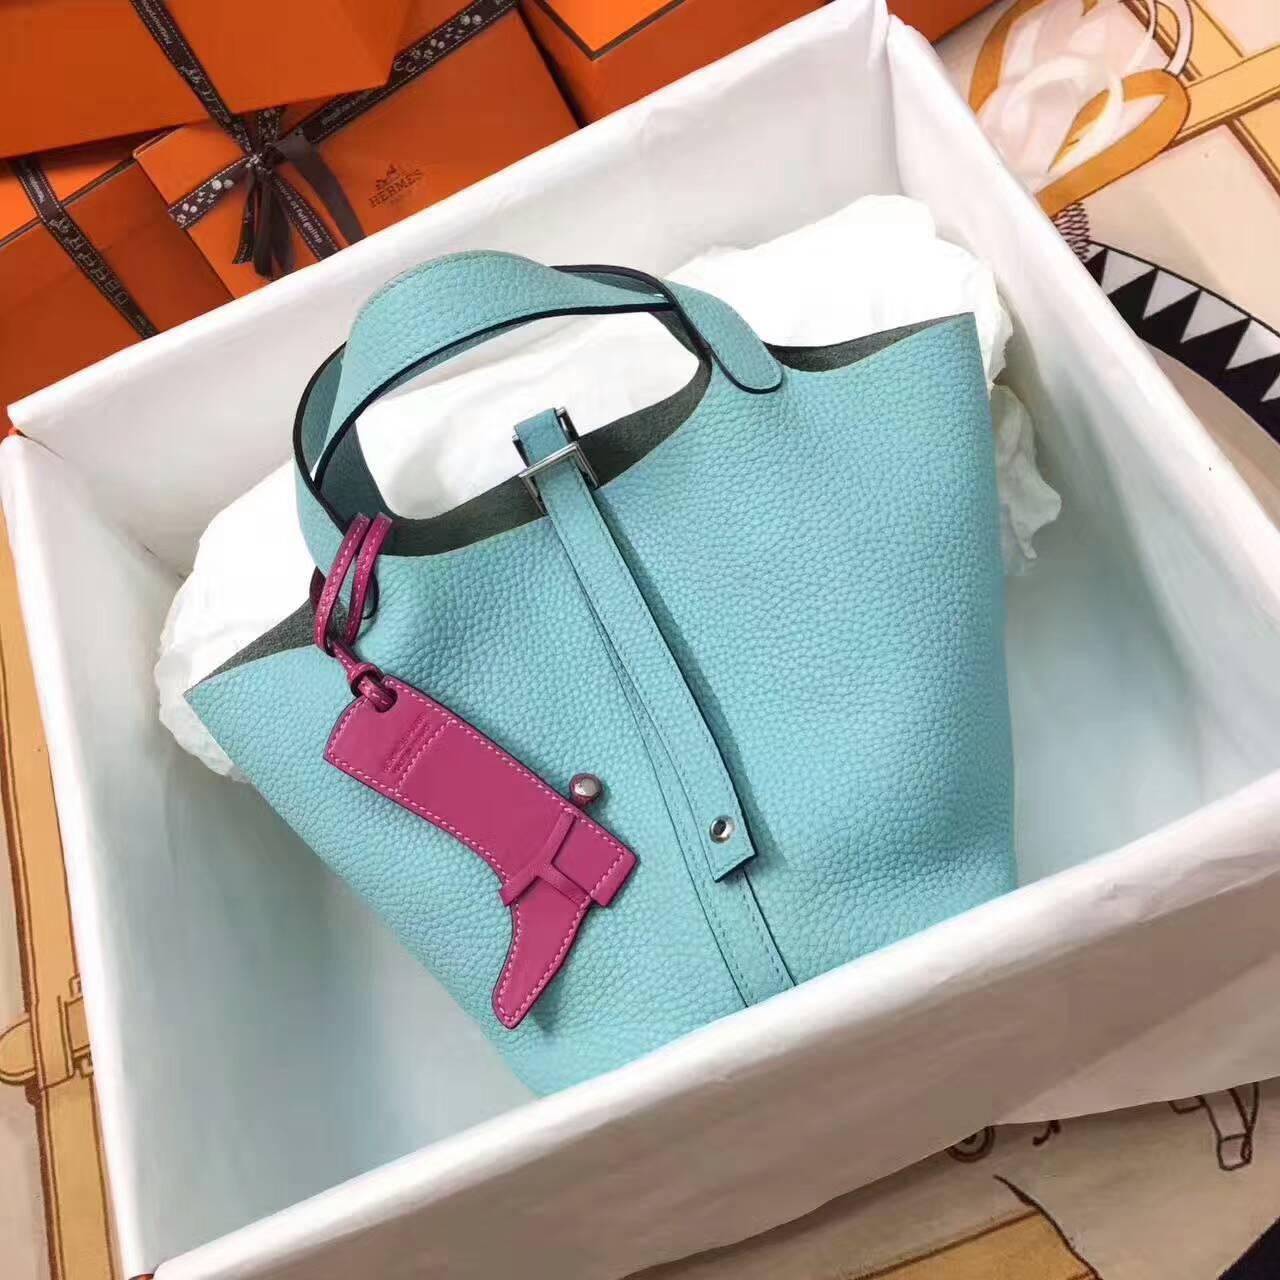 Hermes菜篮子 手工蜡线 18-22cm Togo皮 马卡龙蓝 时尚又实用